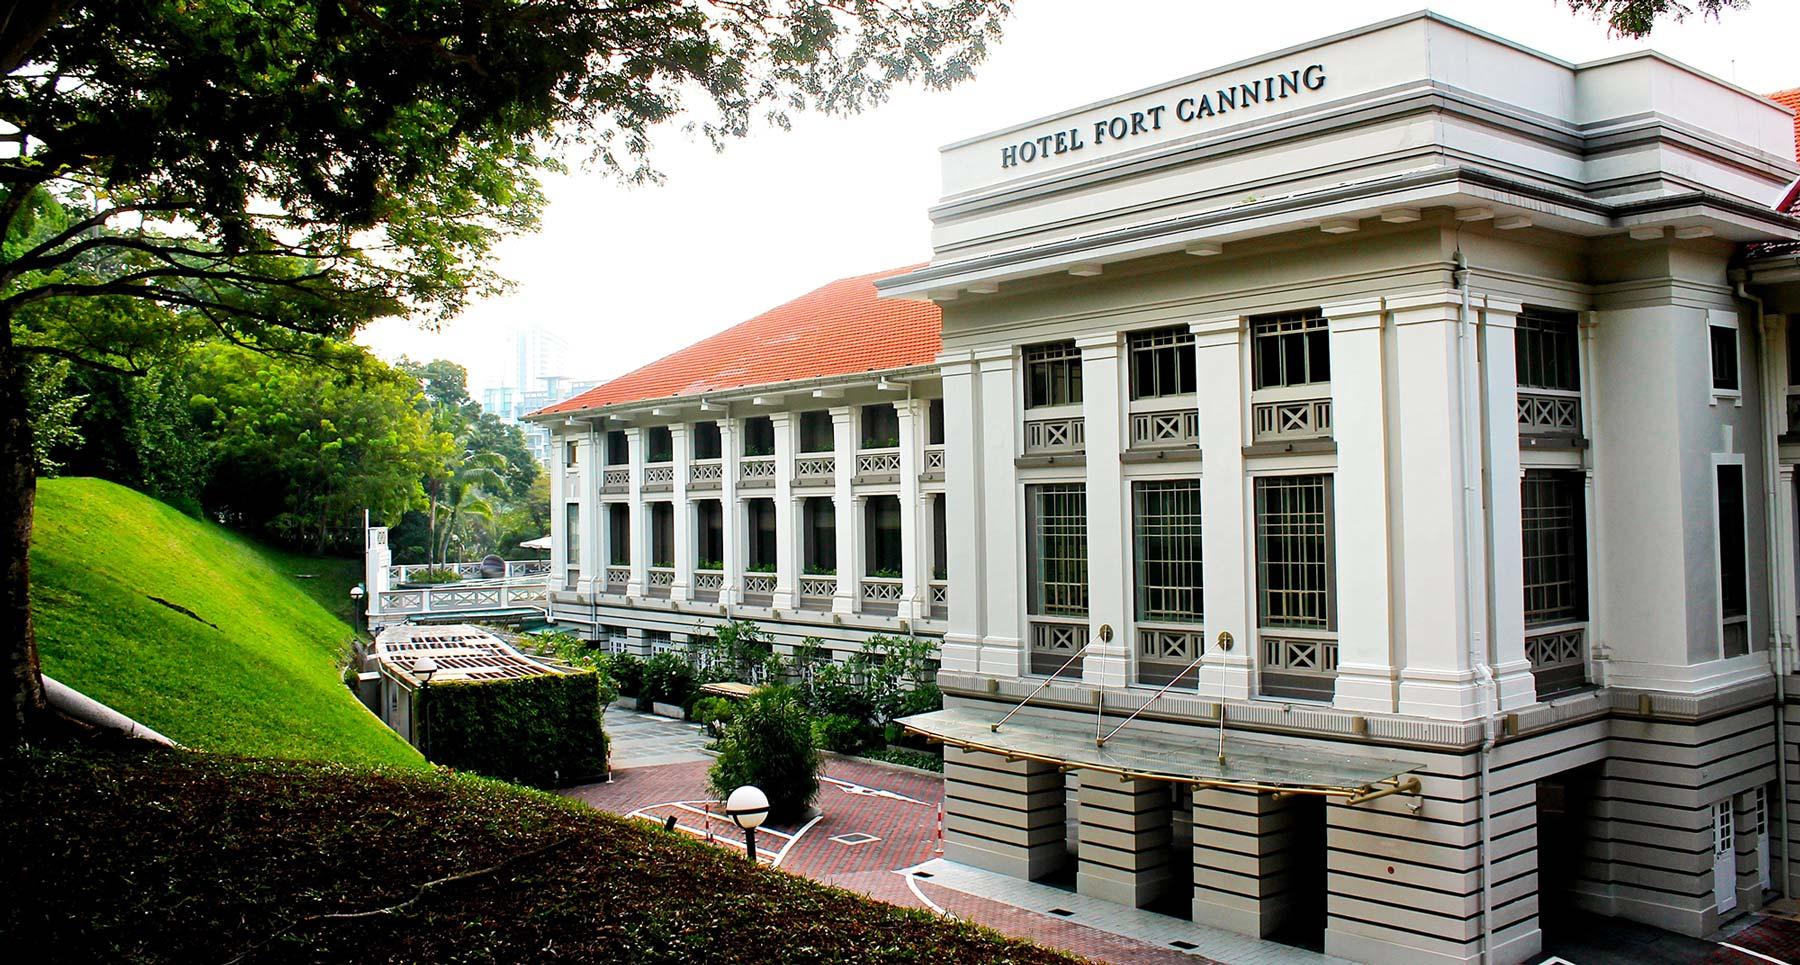 SingaporeHotelCanning